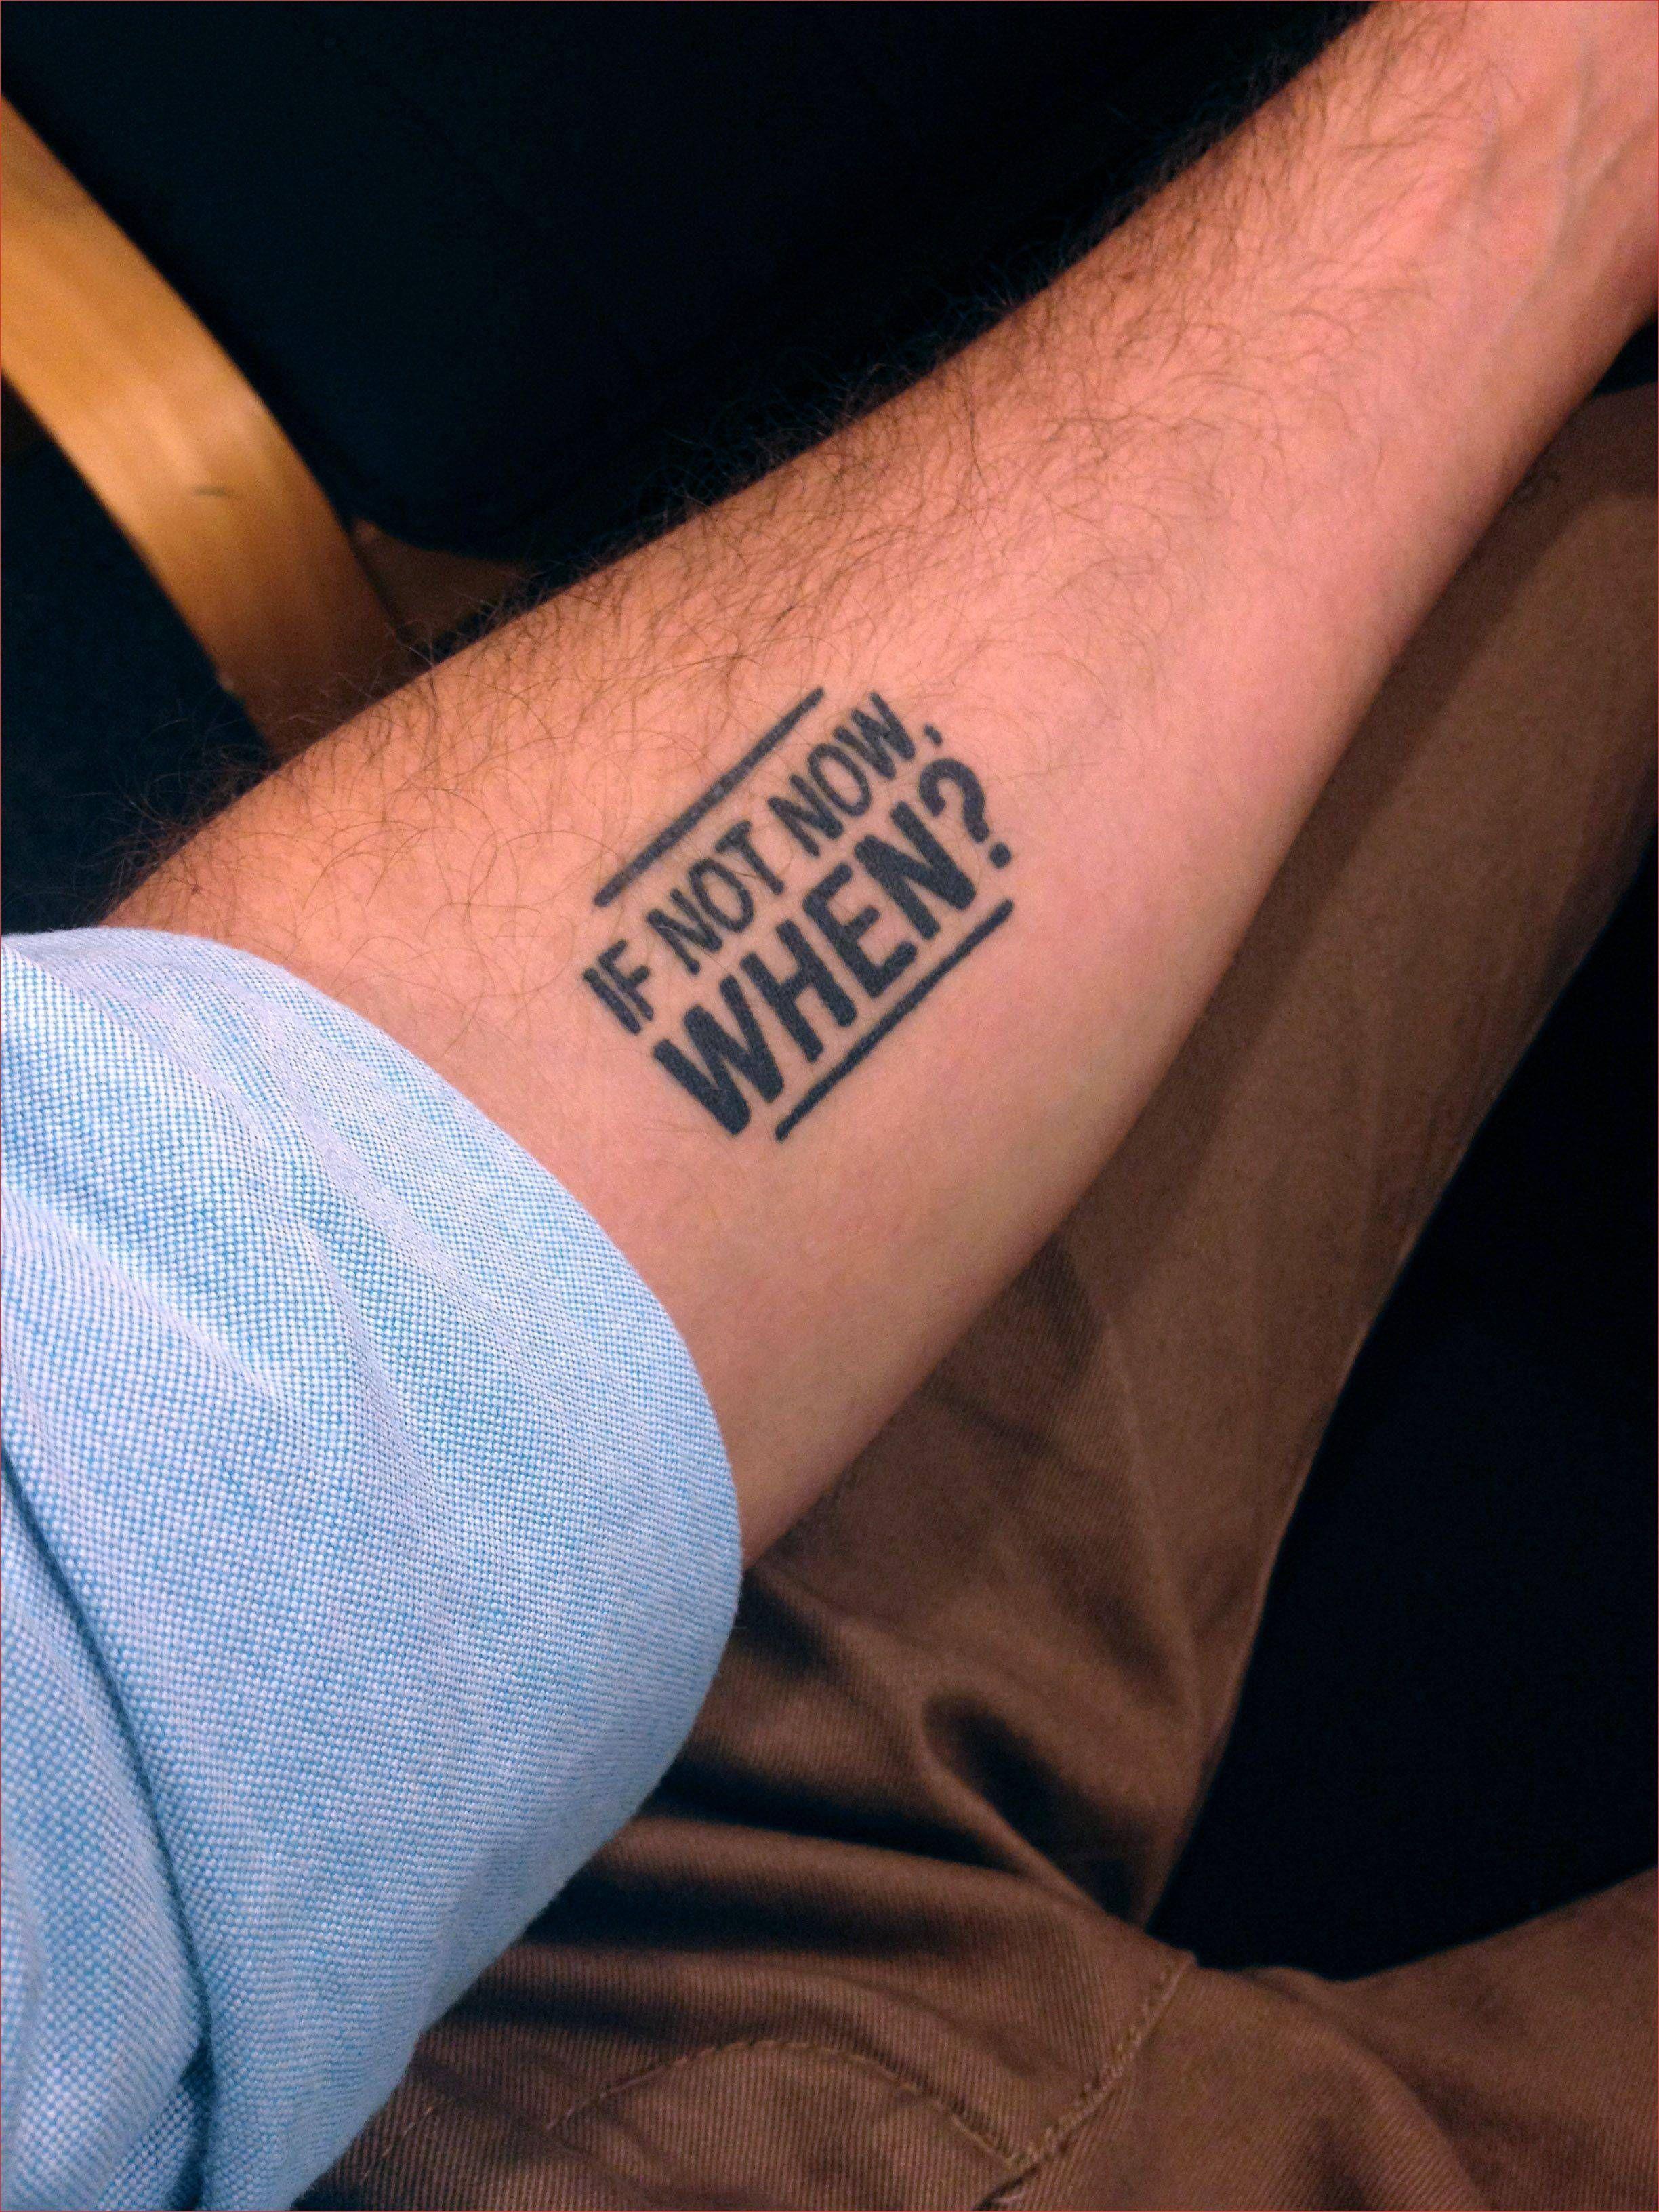 Unique Inspirational Tattoos For Men Strength – Tattoo's Fans … – Unique Inspirational Tattoos For Men Strength …